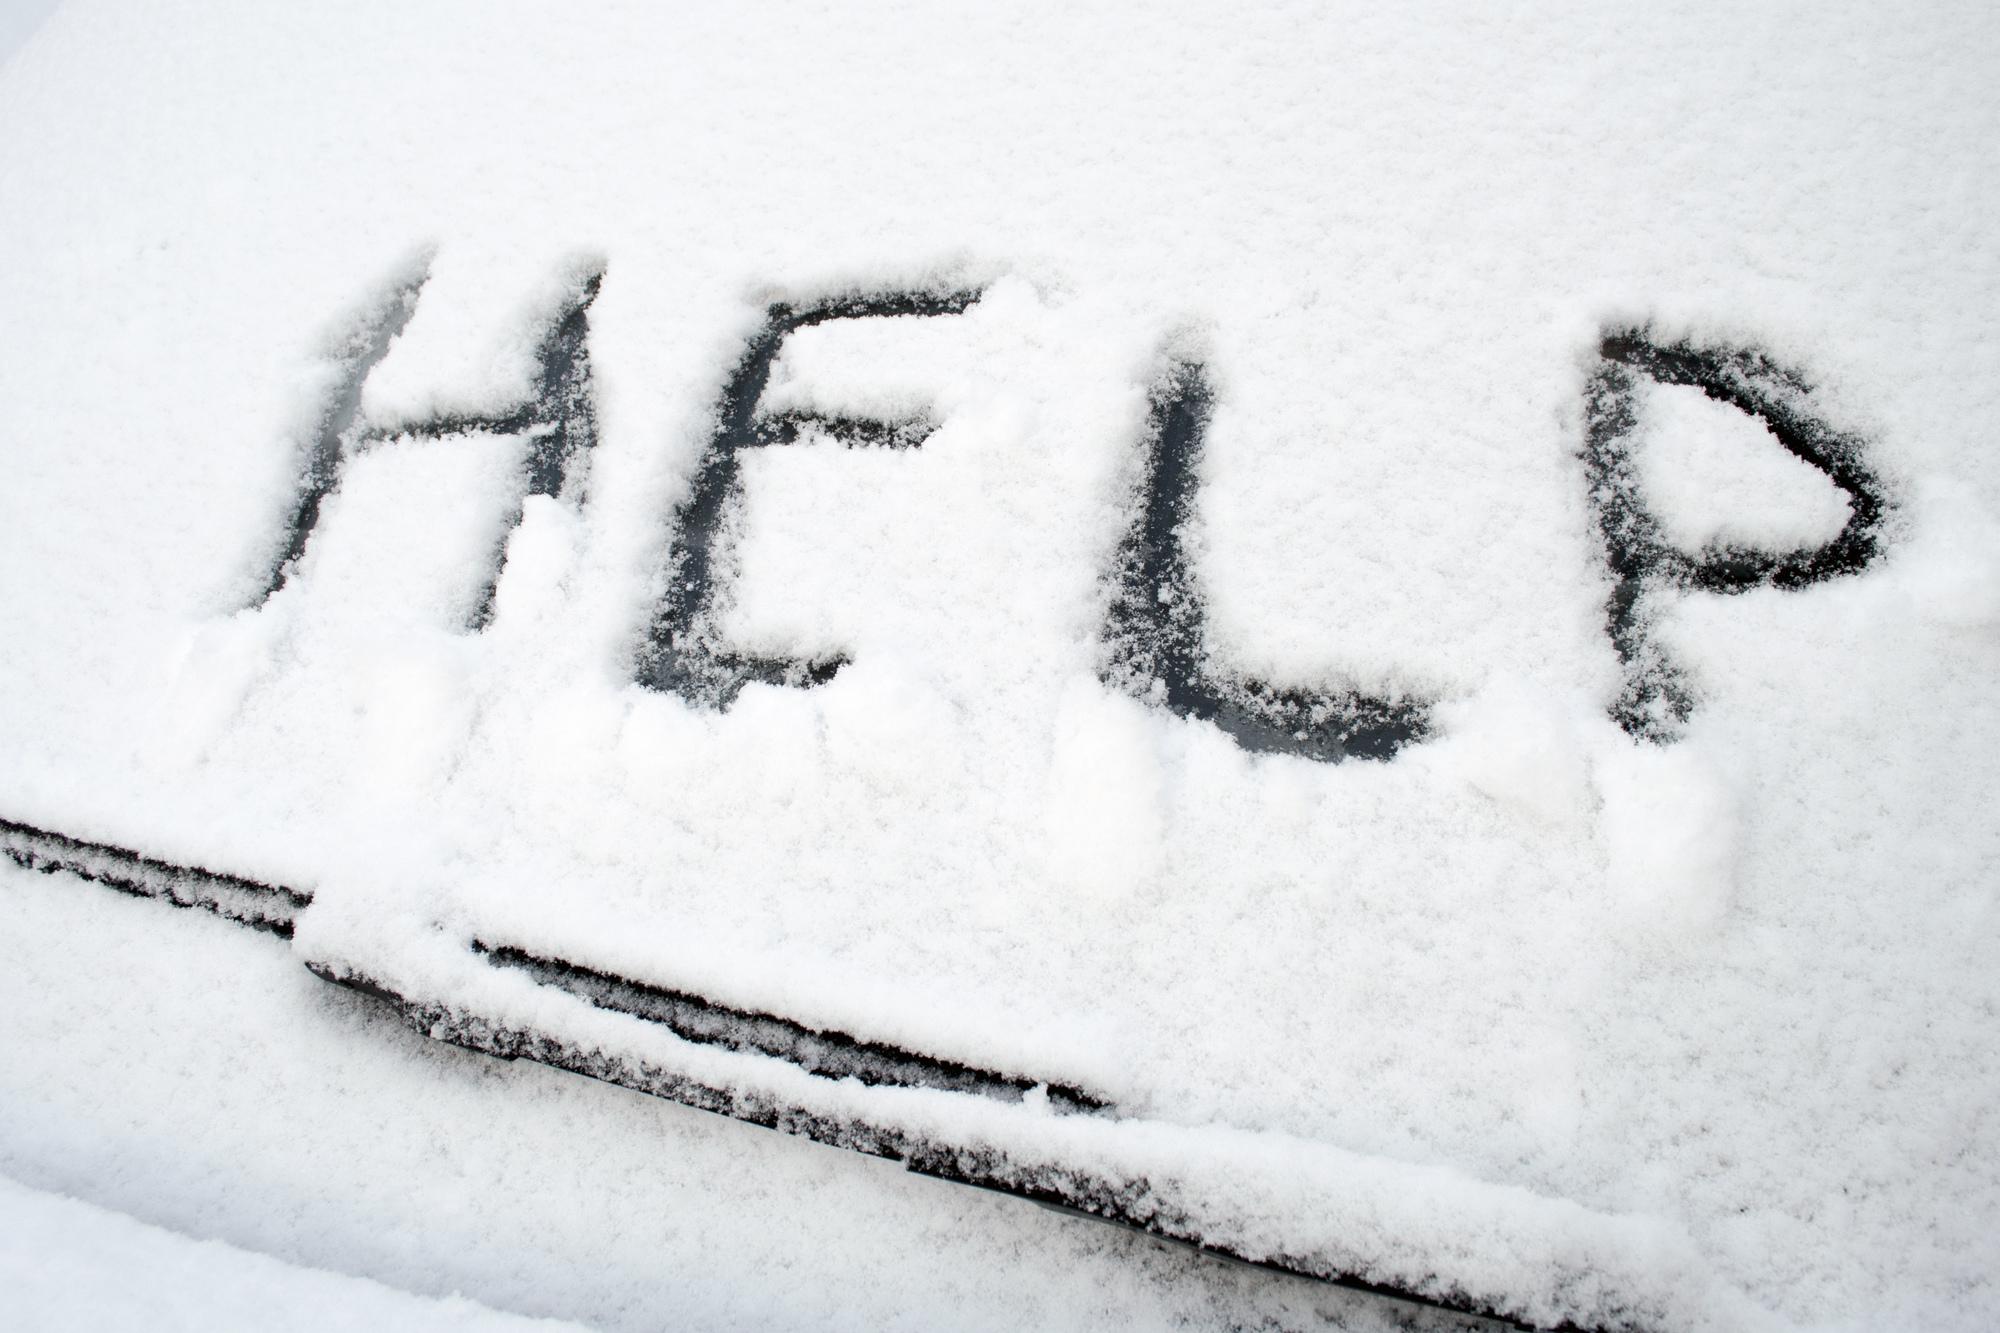 ありえない失敗から学ぶ編♪車でスキー&スノボに行くなら必見!安全な雪道ドライブの為に♪